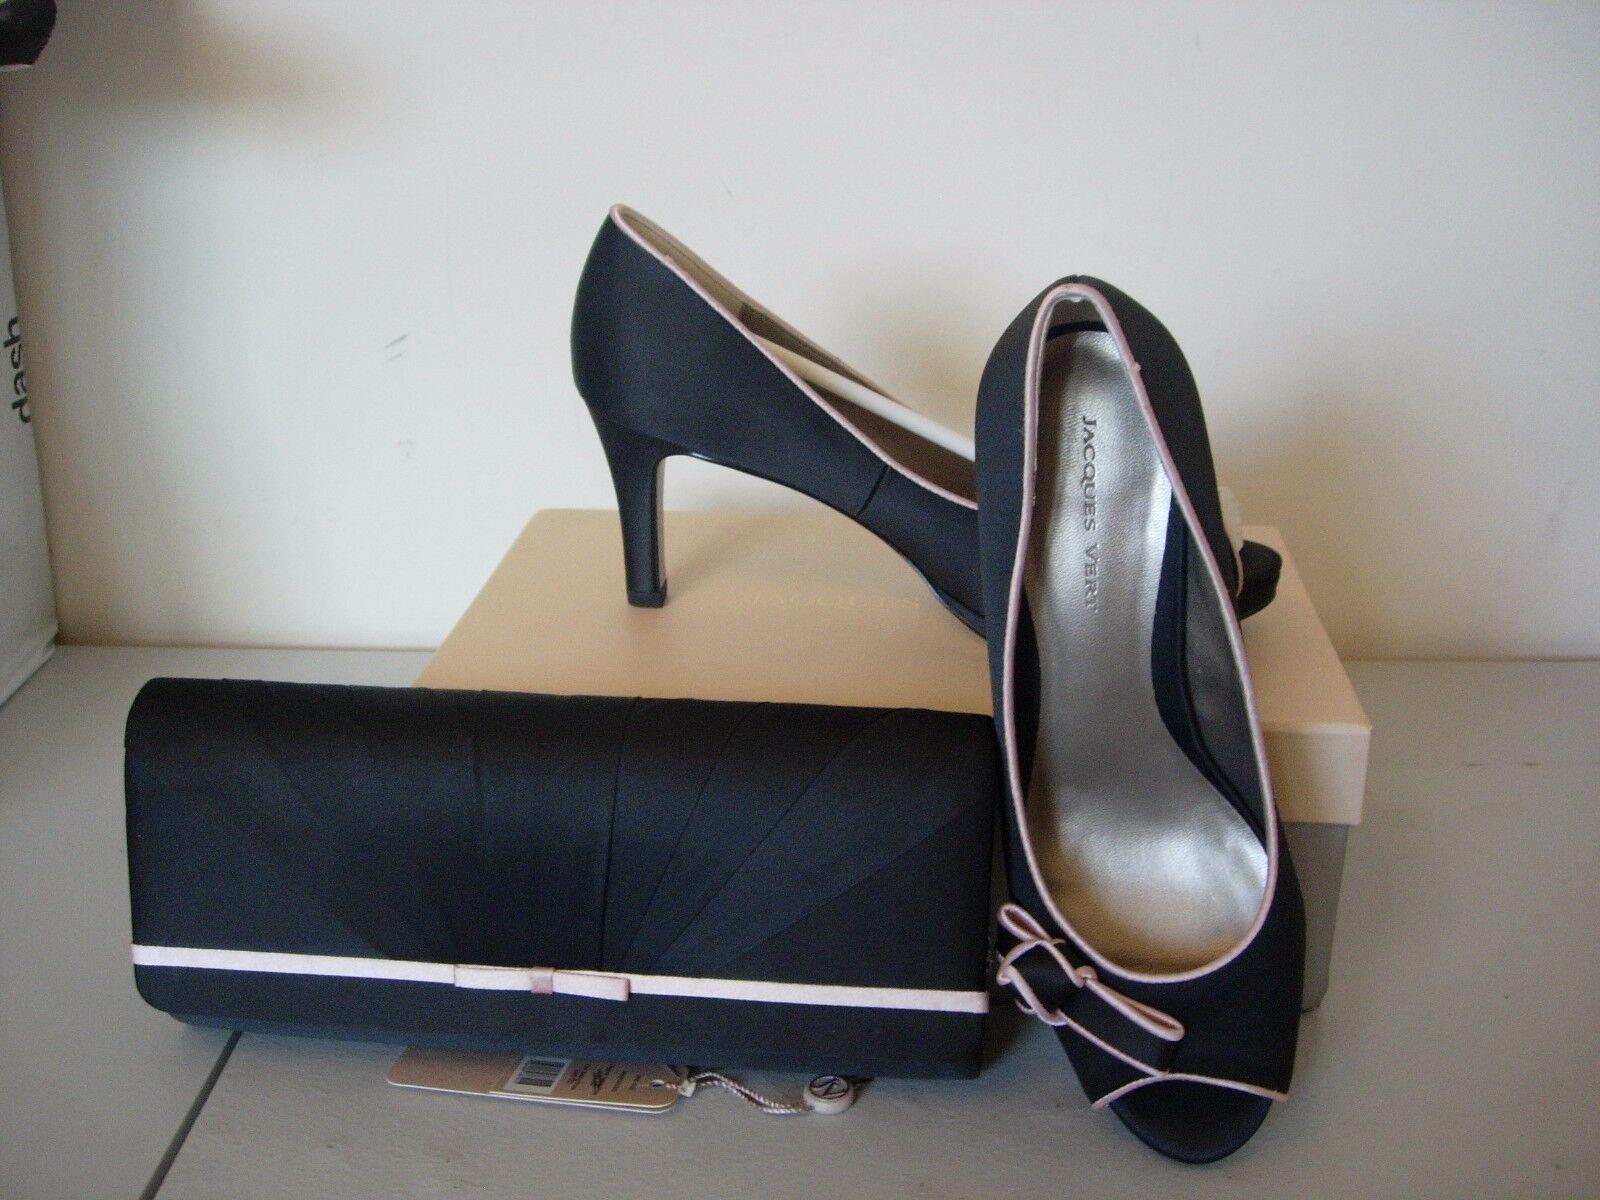 jacques de sinople souliers en satin noir taille 4 - nouvelle nouvelle - assiette rose b97a92